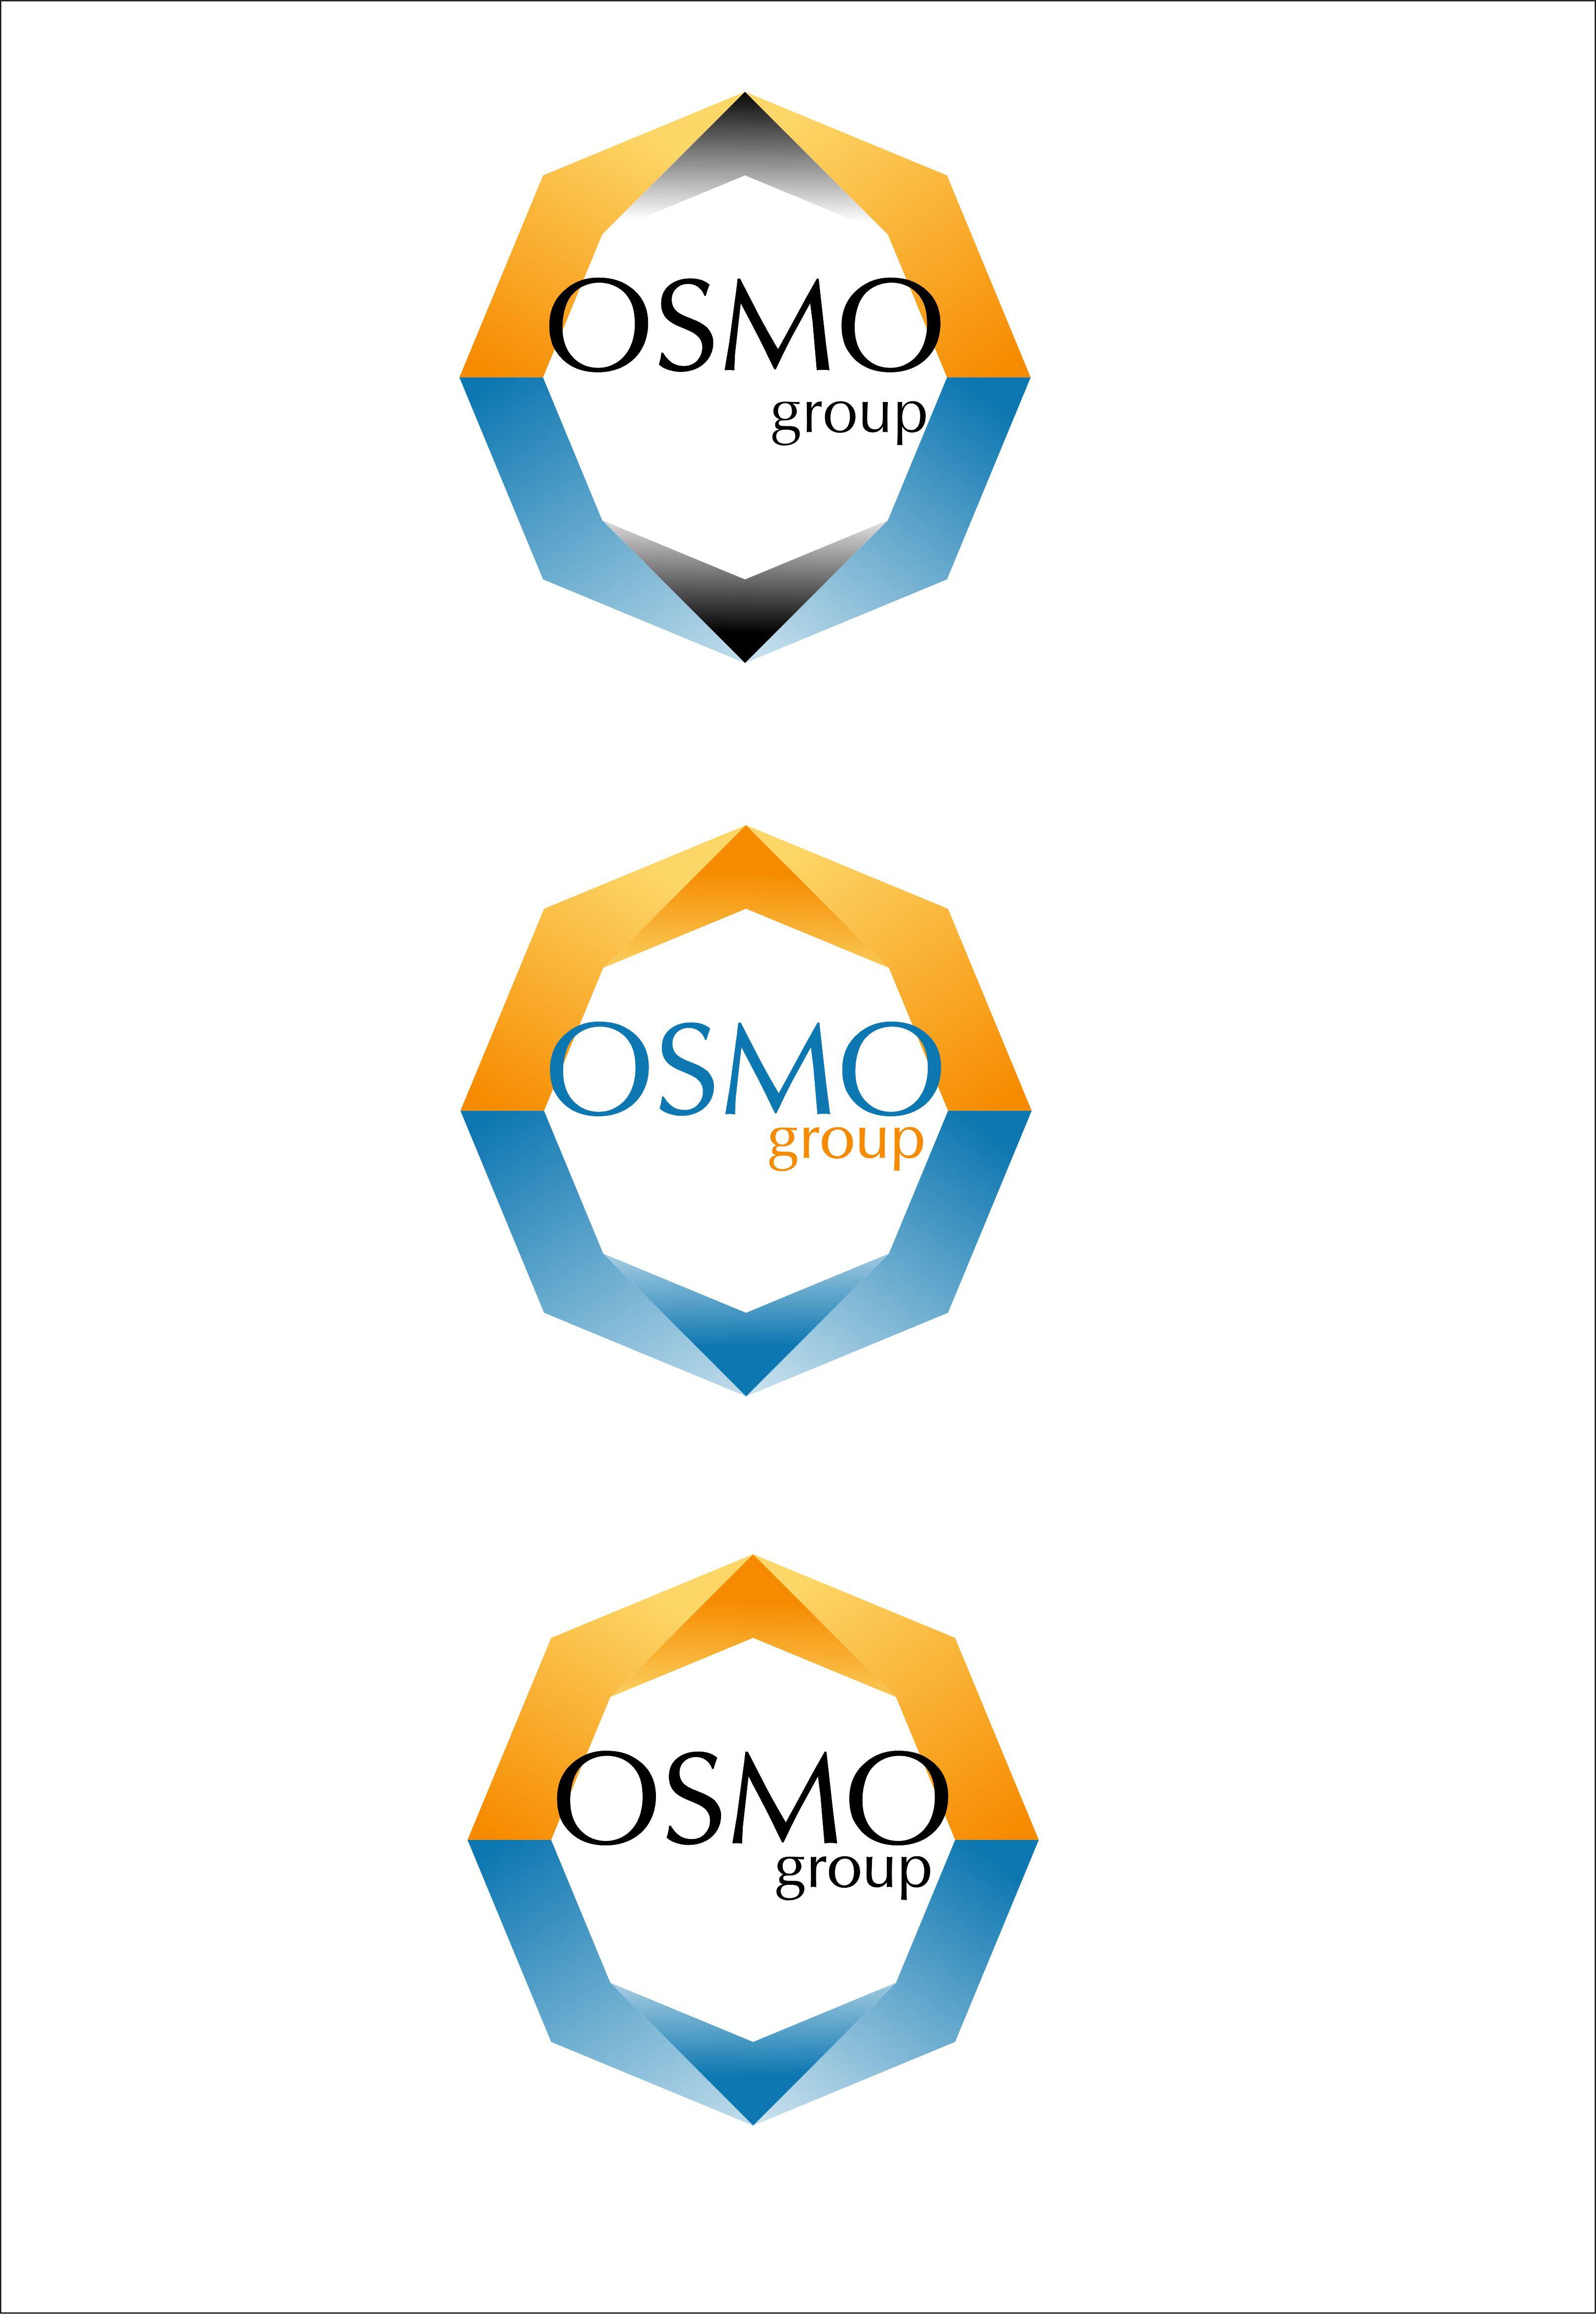 Создание логотипа для строительной компании OSMO group  фото f_95259b6430639be9.jpg